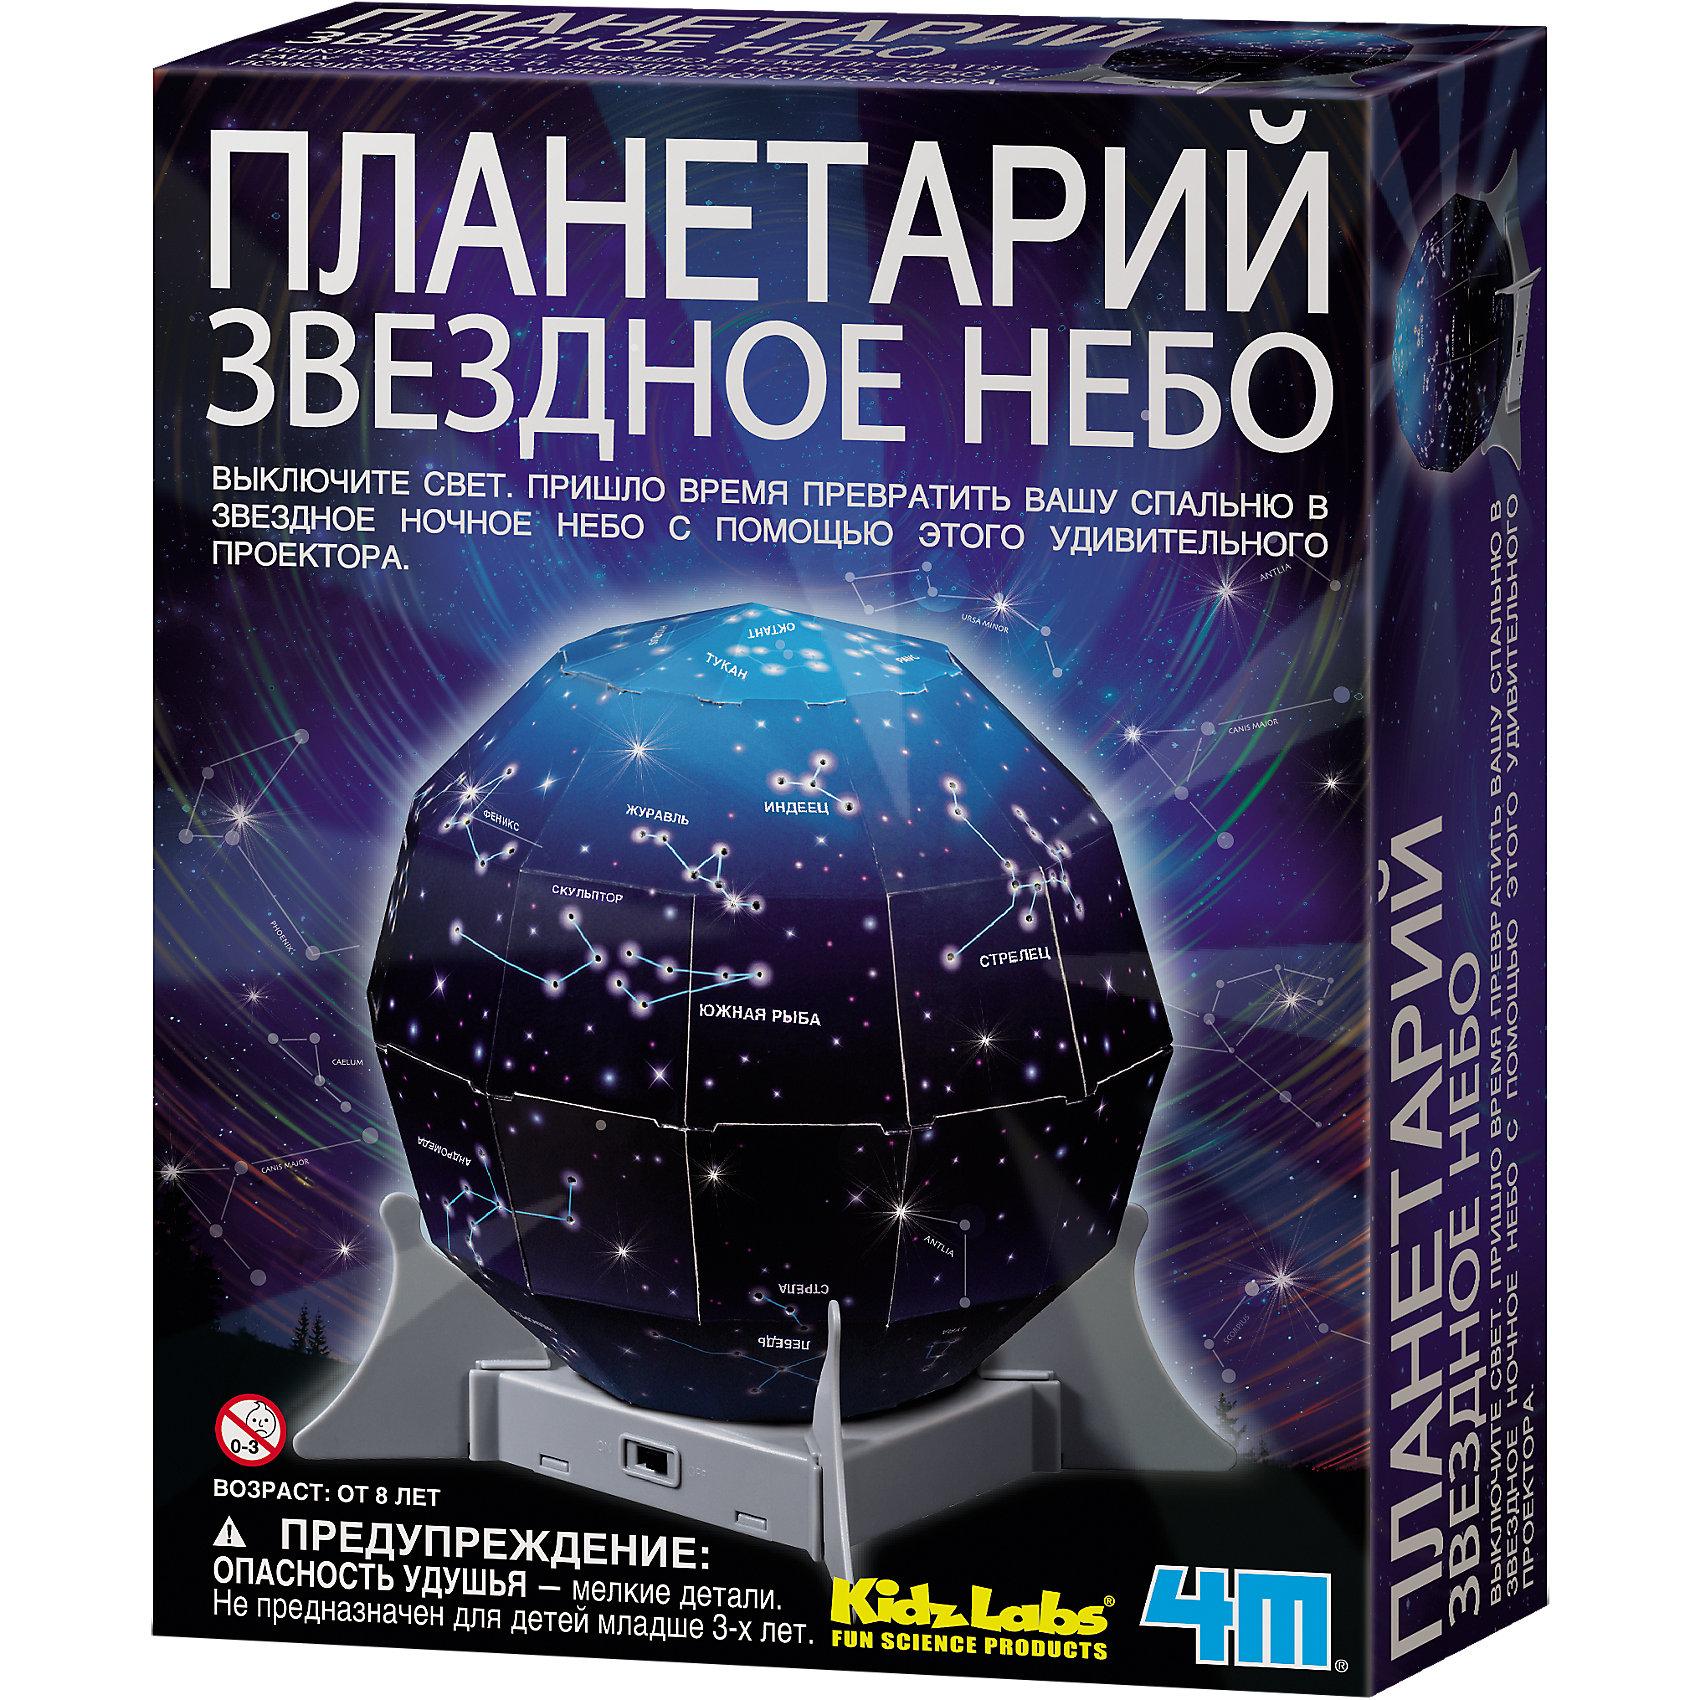 Планетарий Звездное небо, 4МНабор Планетарий Звездное небо, 4М предлагает самостоятельно собрать домашний планетарий, постигнуть тайны космоса и узнать некоторые интересные астрономические факты о созвездиях. Проделайте отверстия в специальных местах, вставьте батарейки, выключите свет и превратите детскую спальную в ночное звездное небо с помощью этого удивительного проектора! Работа с данным набором развивает фантазию, подстегивает интерес к астрономии, и весь процесс сборки планетария становится увлекательным и познавательным.<br><br>Комплектация:<br>-заготовки для создания куполов северного и южного полушарий<br>-светильник с переключателем<br>-4 опоры для купола<br>-кусок клейкой ленты<br>-подробная инструкция со звездными картами полушарий<br><br>Дополнительная информация:<br>-Вес в упаковке: 300 г<br>-Размеры в упаковке: 220х170х60 мм<br>-Материал: пластик<br><br>Подарите юным поклонникам астрономии захватывающий научно-познавательный набор Планетарий «Звездное небо»! <br><br>Набор Планетарий Звездное небо, 4М можно купить в нашем магазине.<br><br>Ширина мм: 220<br>Глубина мм: 170<br>Высота мм: 60<br>Вес г: 300<br>Возраст от месяцев: 84<br>Возраст до месяцев: 168<br>Пол: Унисекс<br>Возраст: Детский<br>SKU: 4043573